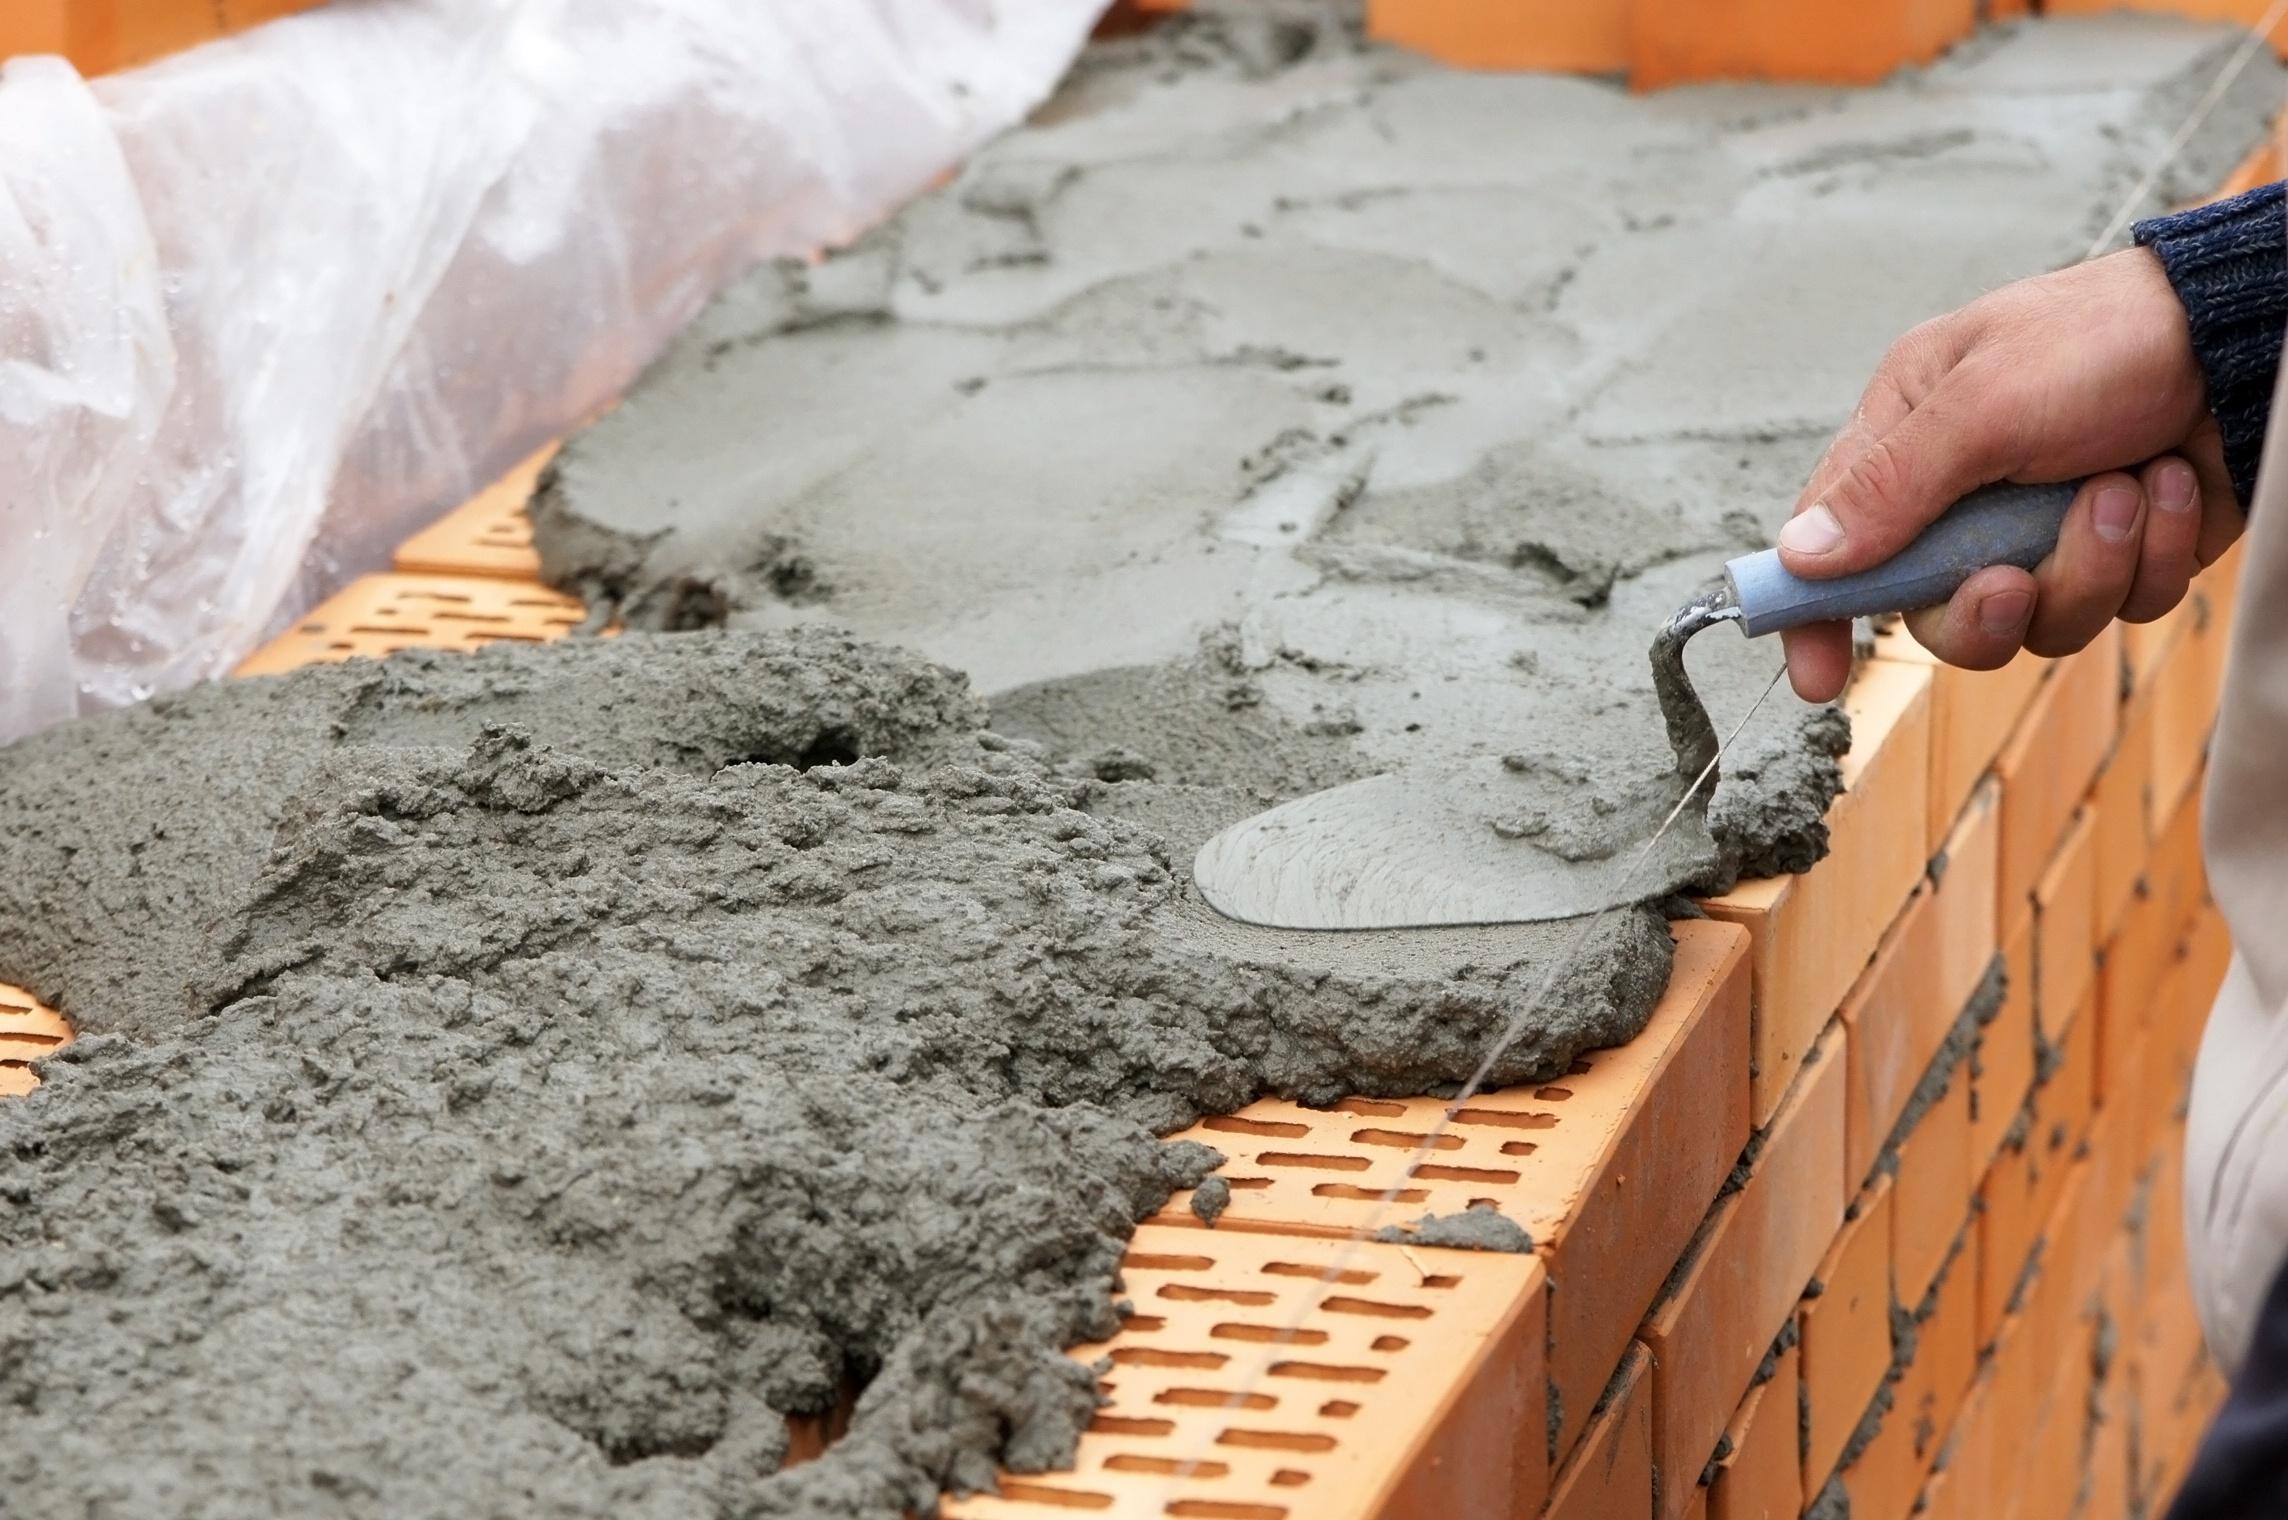 bricks-and-mortar-brandsformation-system